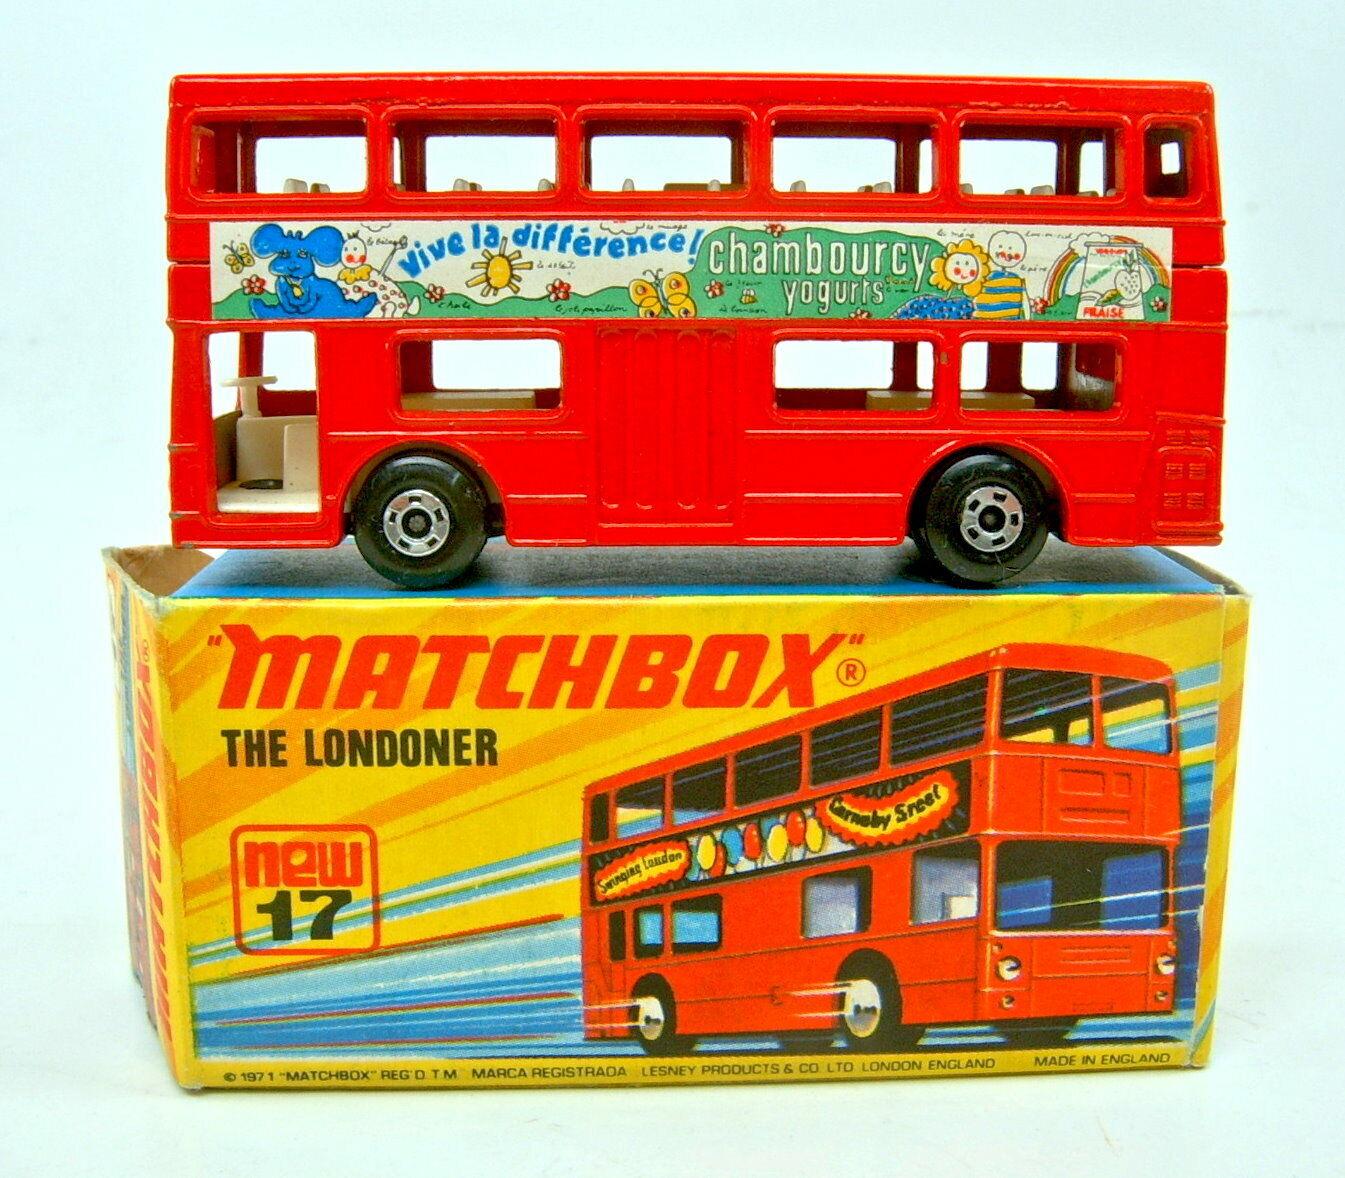 Matchbox No.17B London Bus rouge body   Charmbourcy Yoghurts  rare promo issue  liquidation de la boutique